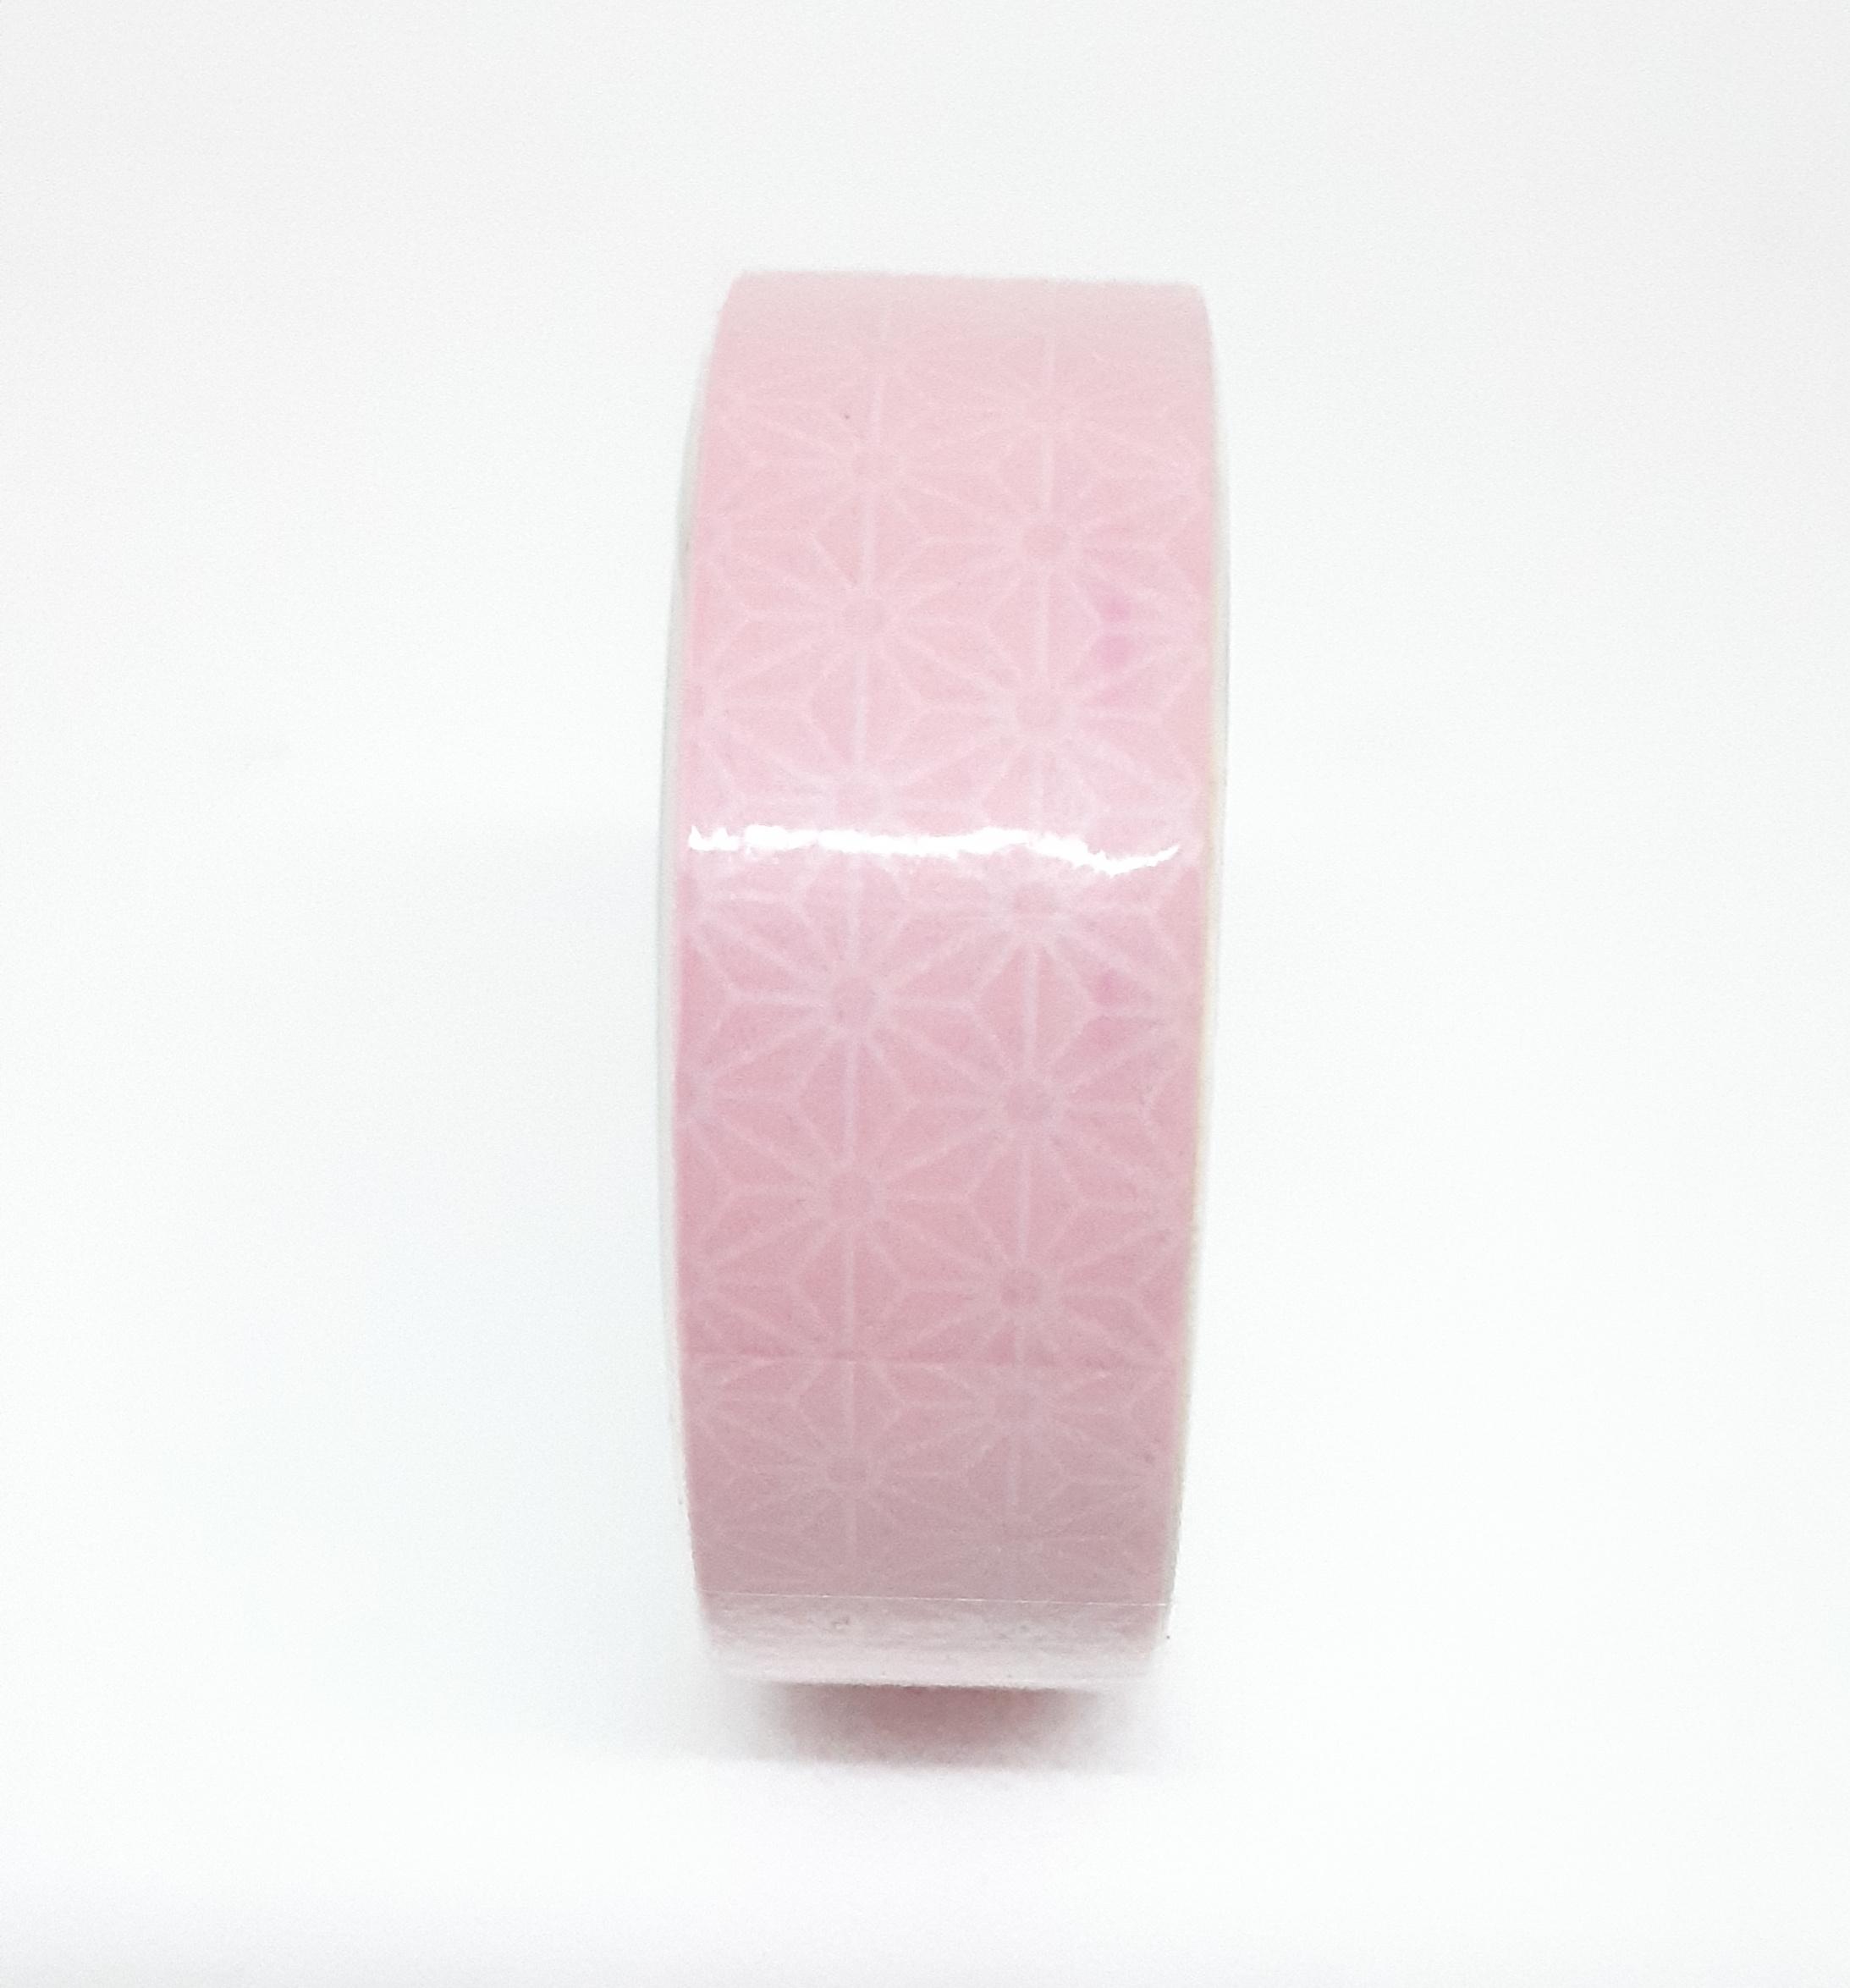 Adhésif de masquage en papier de riz - Motif rose